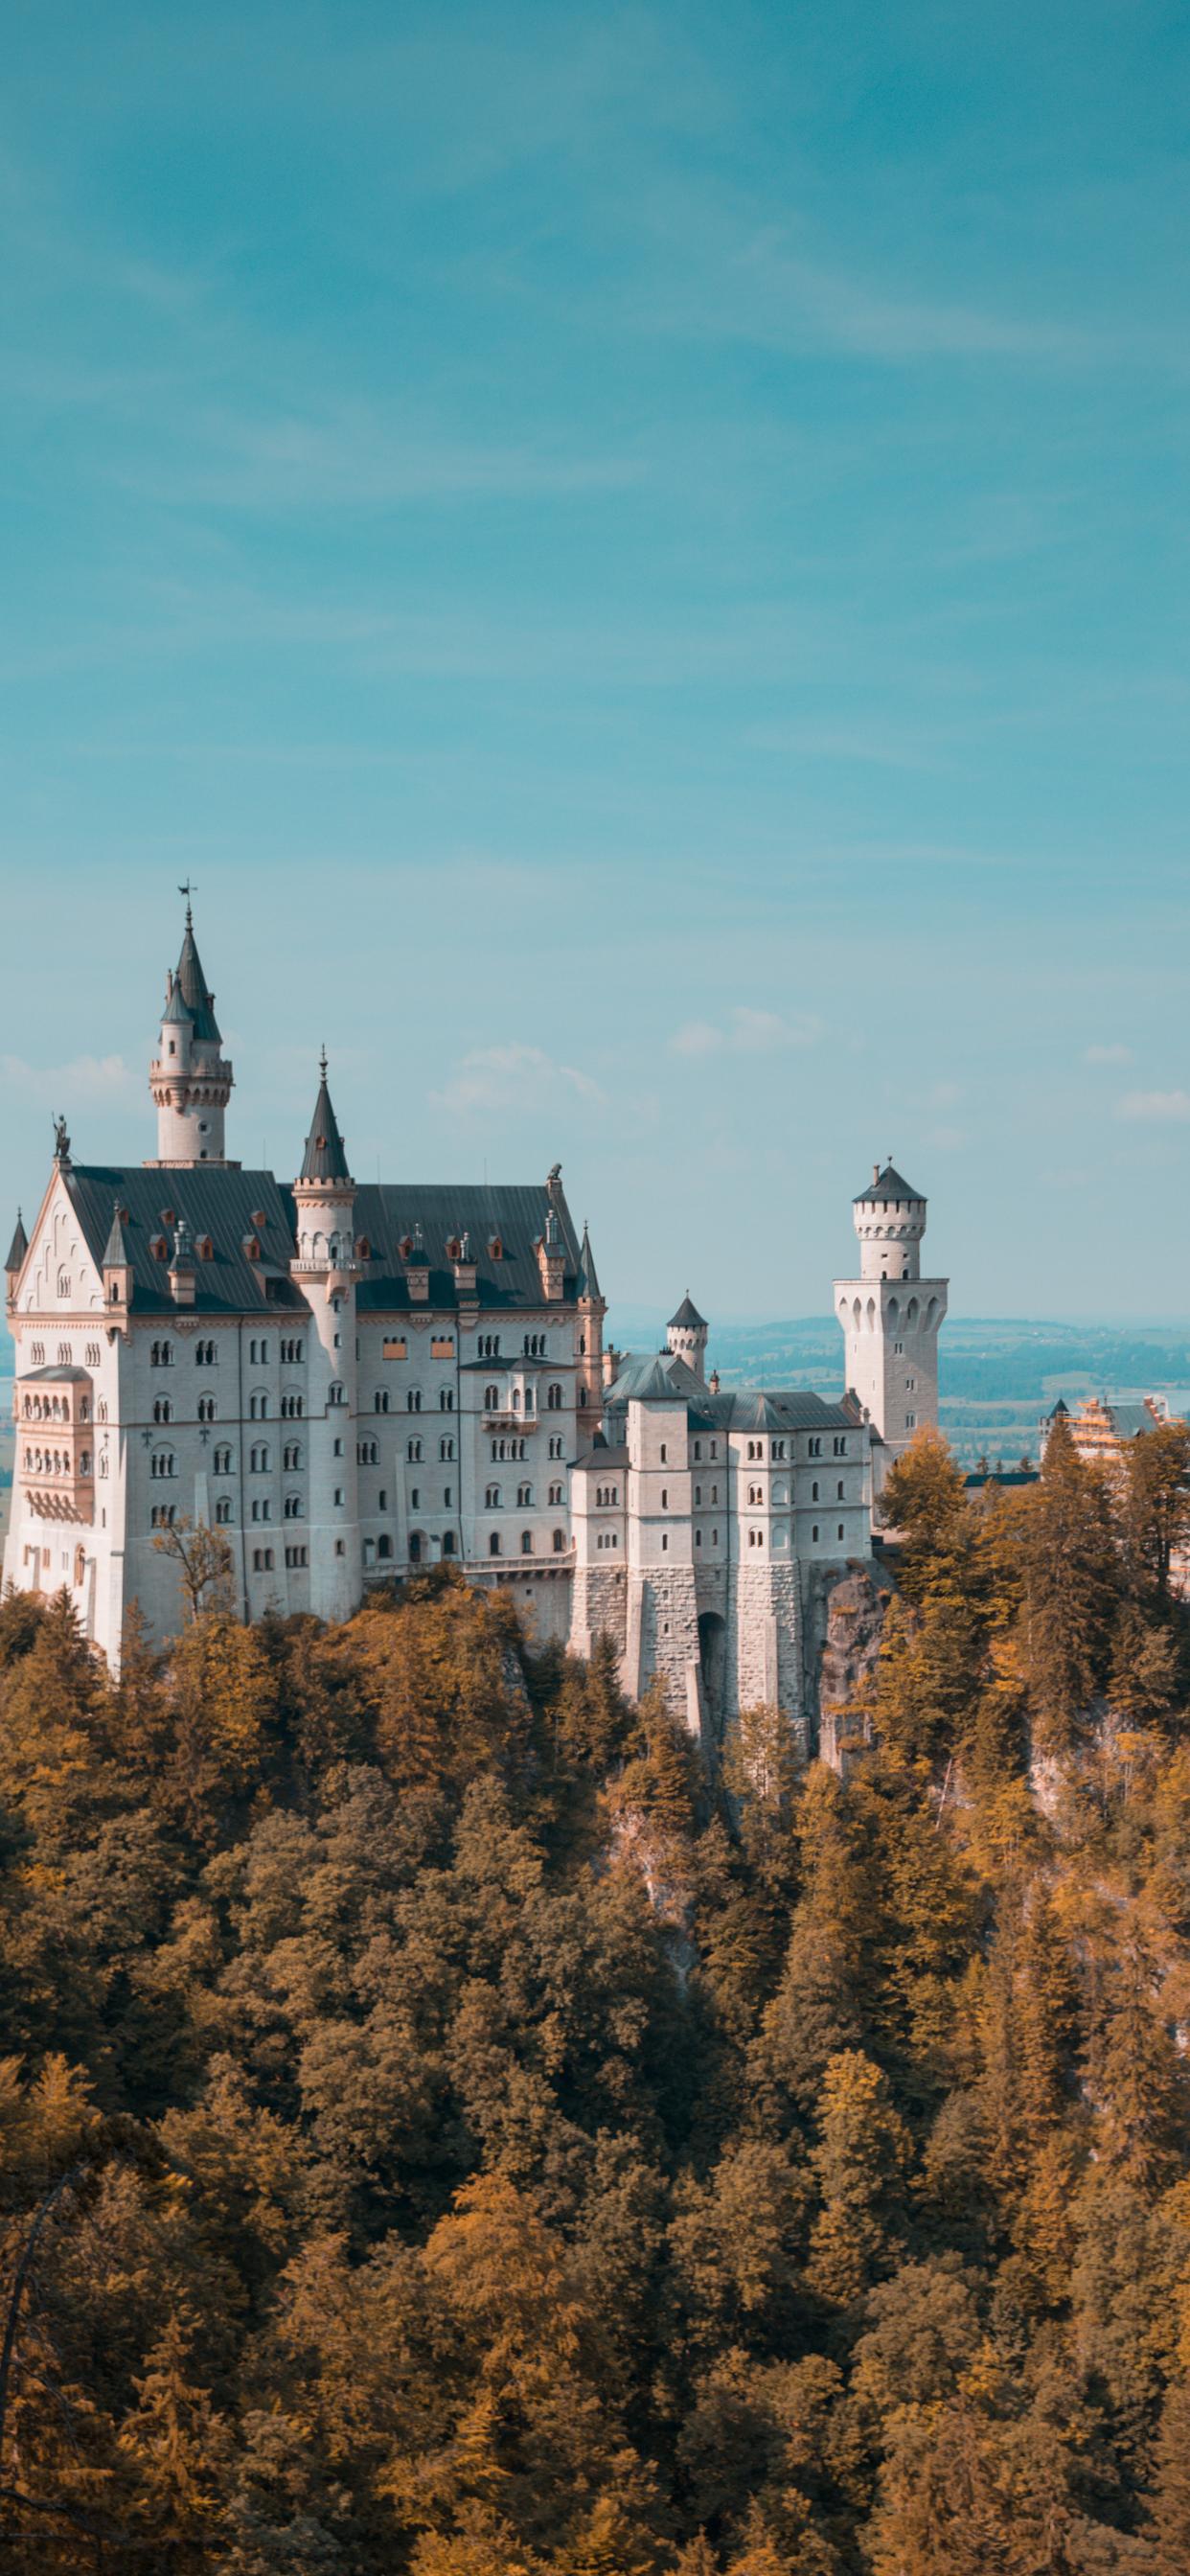 iPhone wallpaper castle neuschwanstein germany Castle